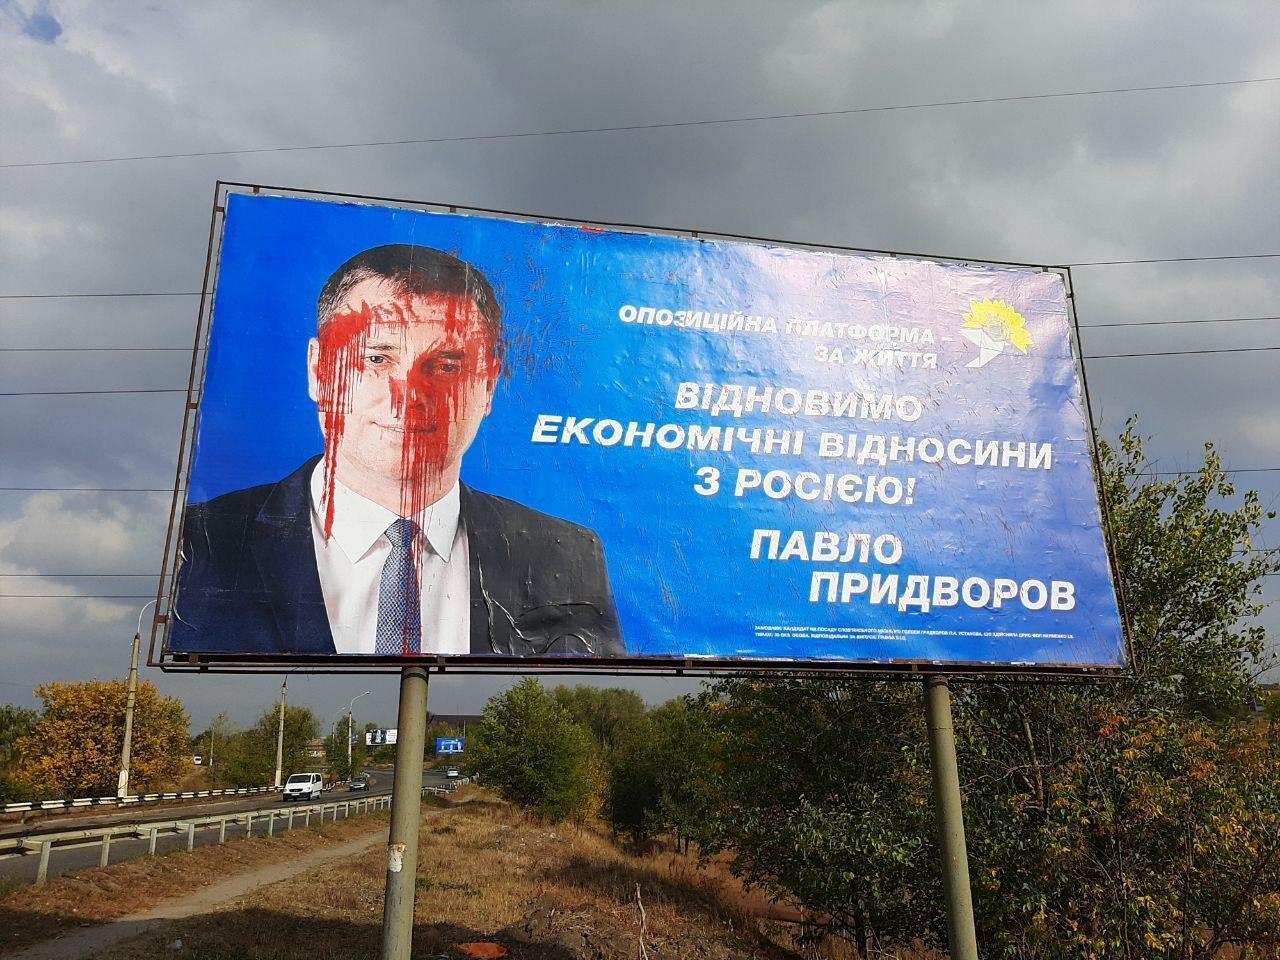 """Борды Придворова обещают """"восстановление экономических связей с Россией"""""""